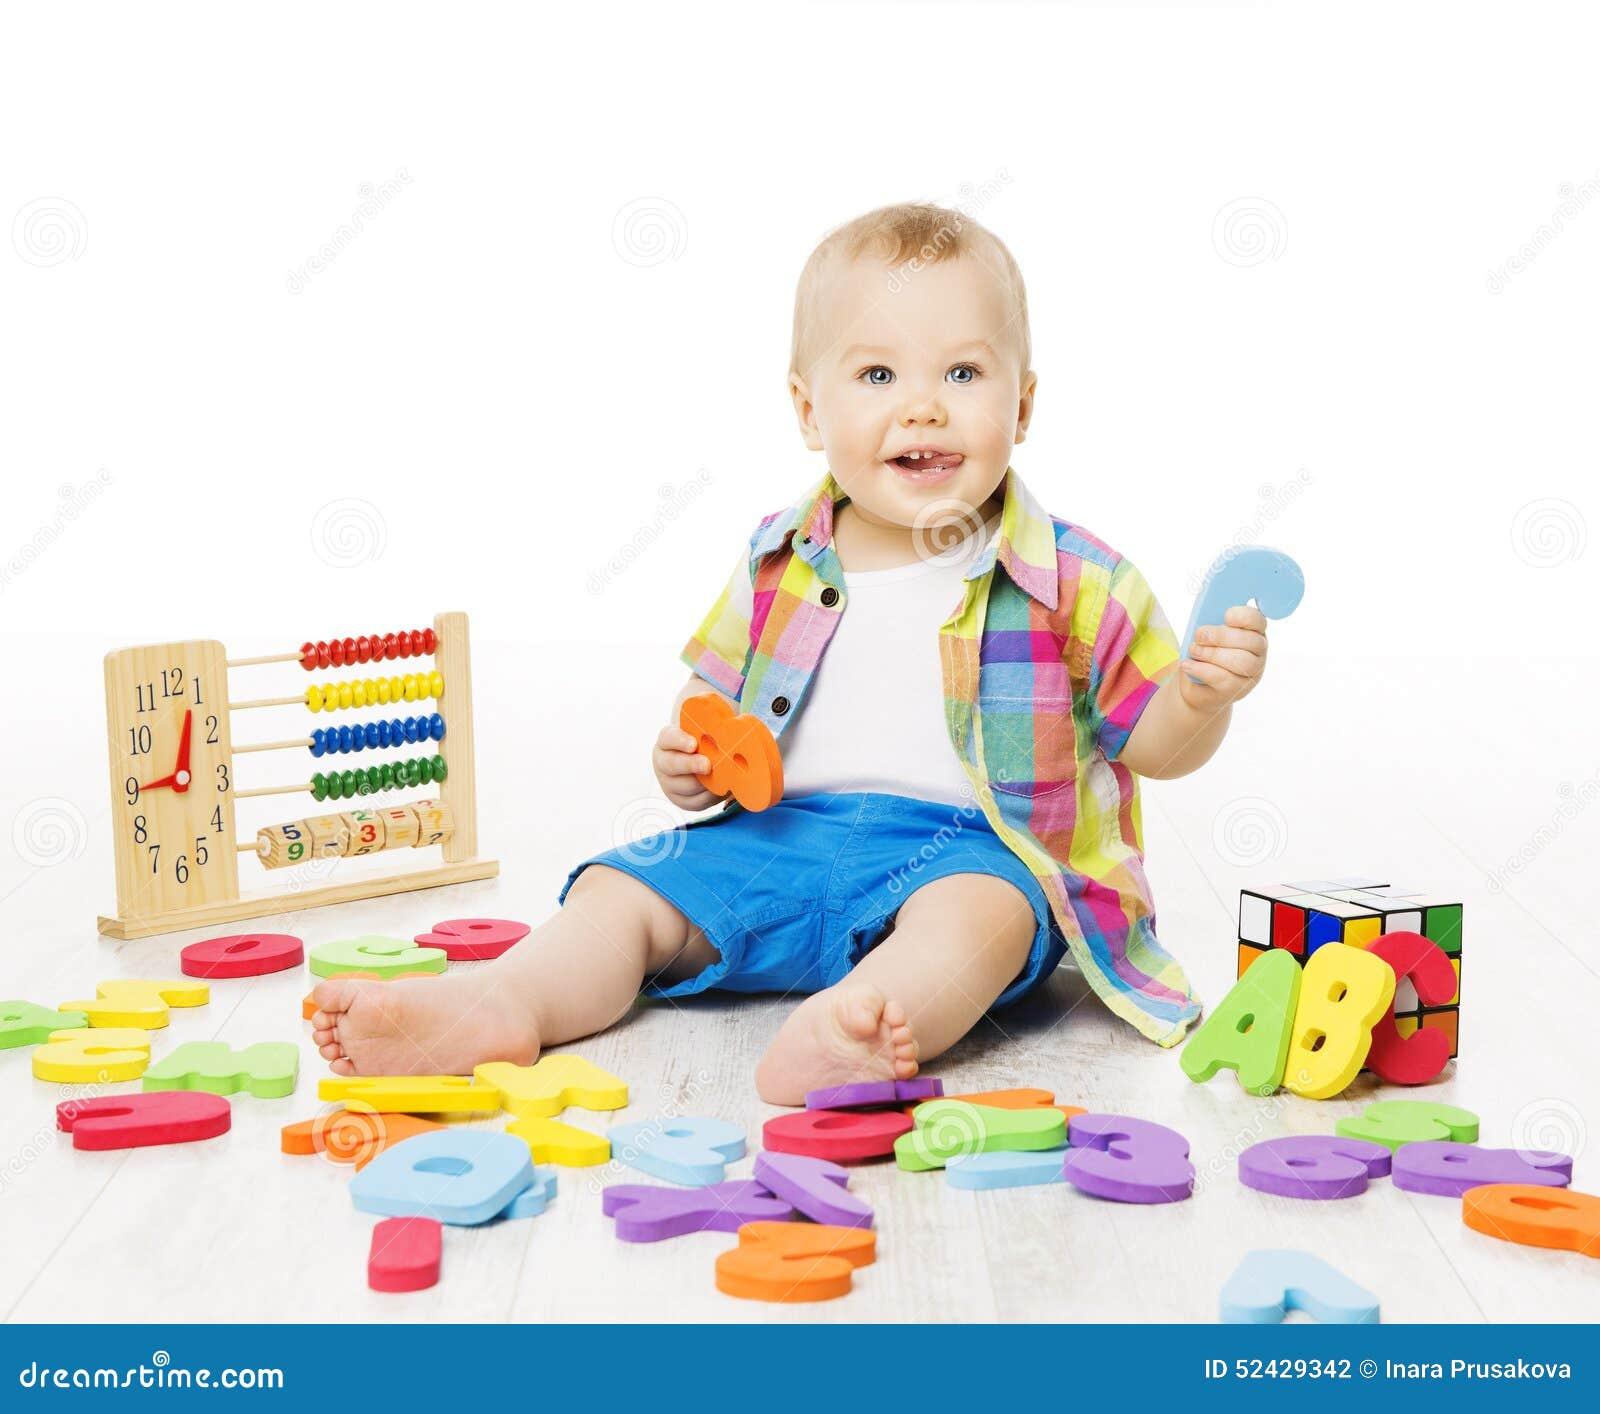 le b b jouant des jouets d 39 ducation alphabet de jeu d 39 enfant marque avec des lettres les. Black Bedroom Furniture Sets. Home Design Ideas